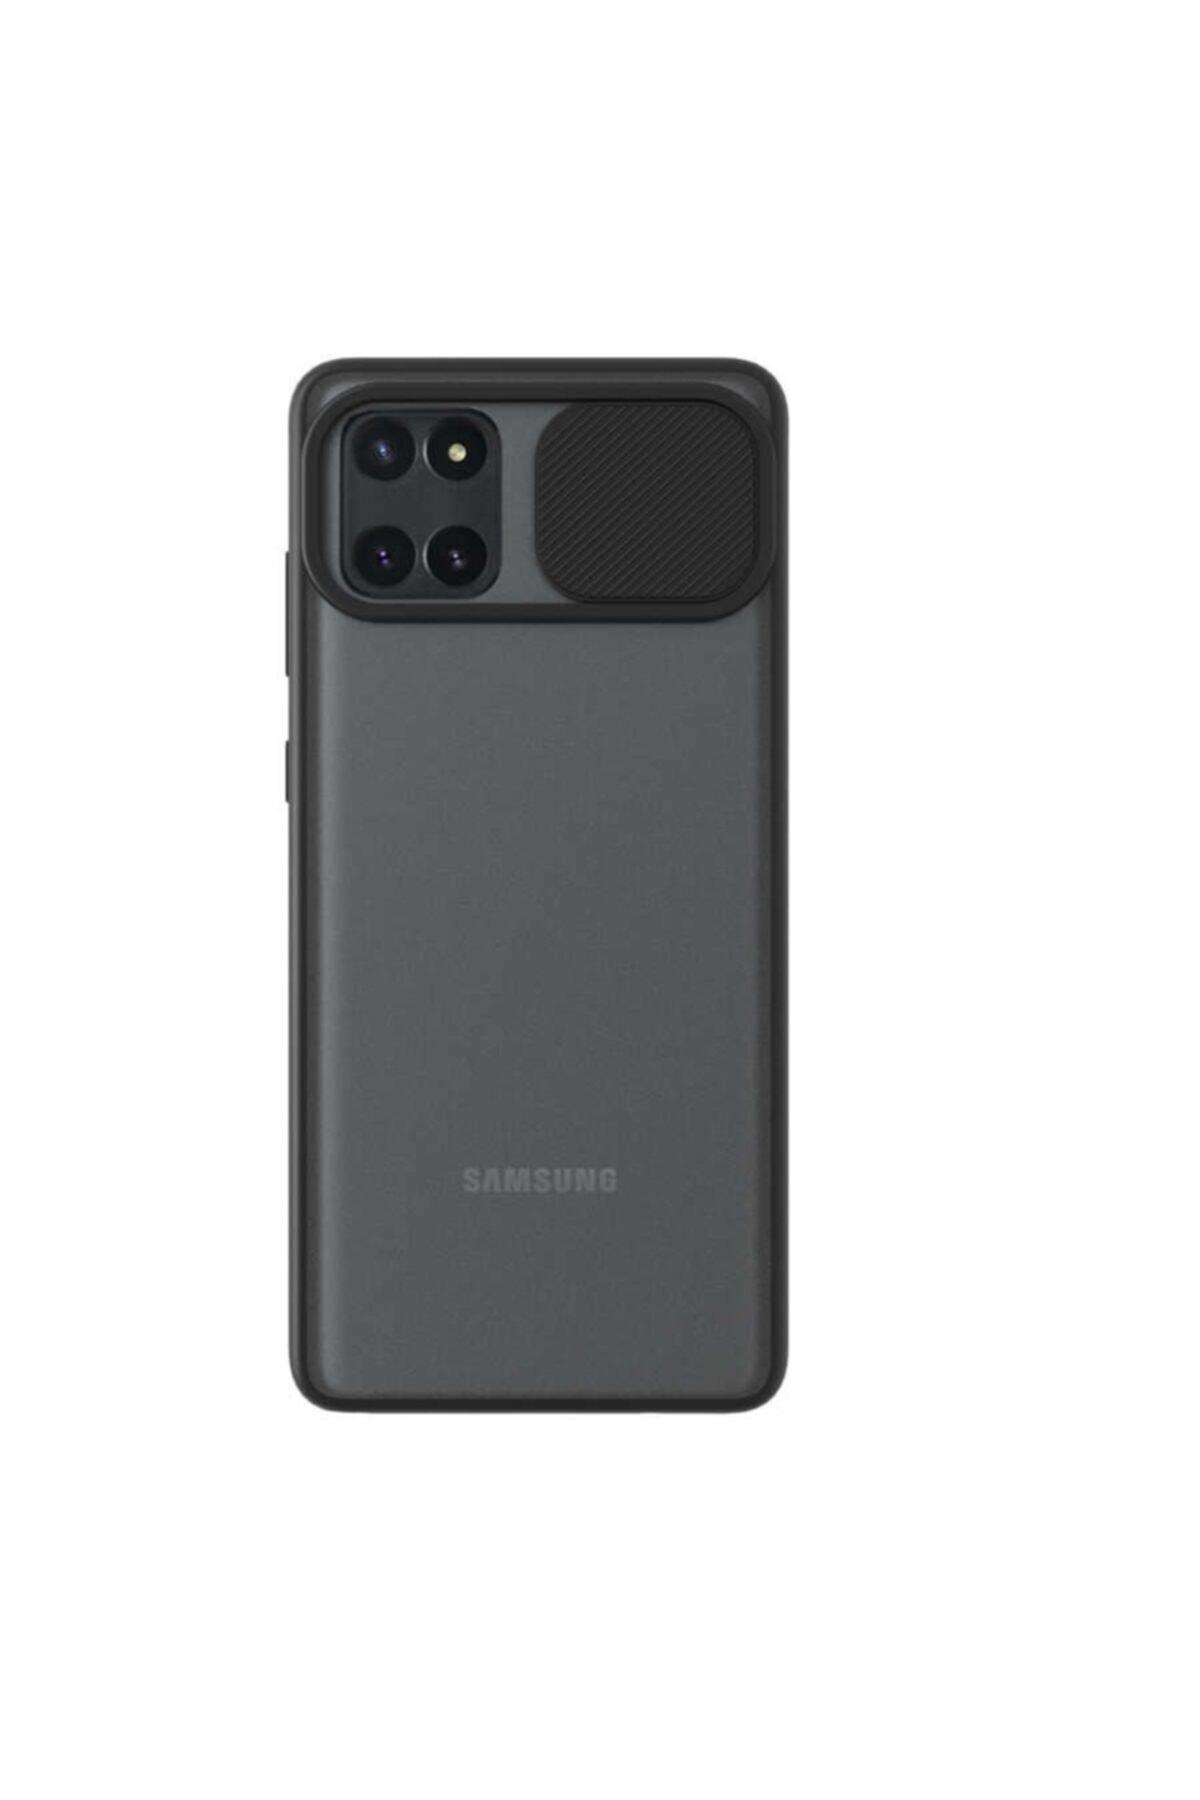 Samsung Teleplus Galaxy Note 10 Lite Kılıf Lensi Kamera Korumalı Silikon Siyah 1